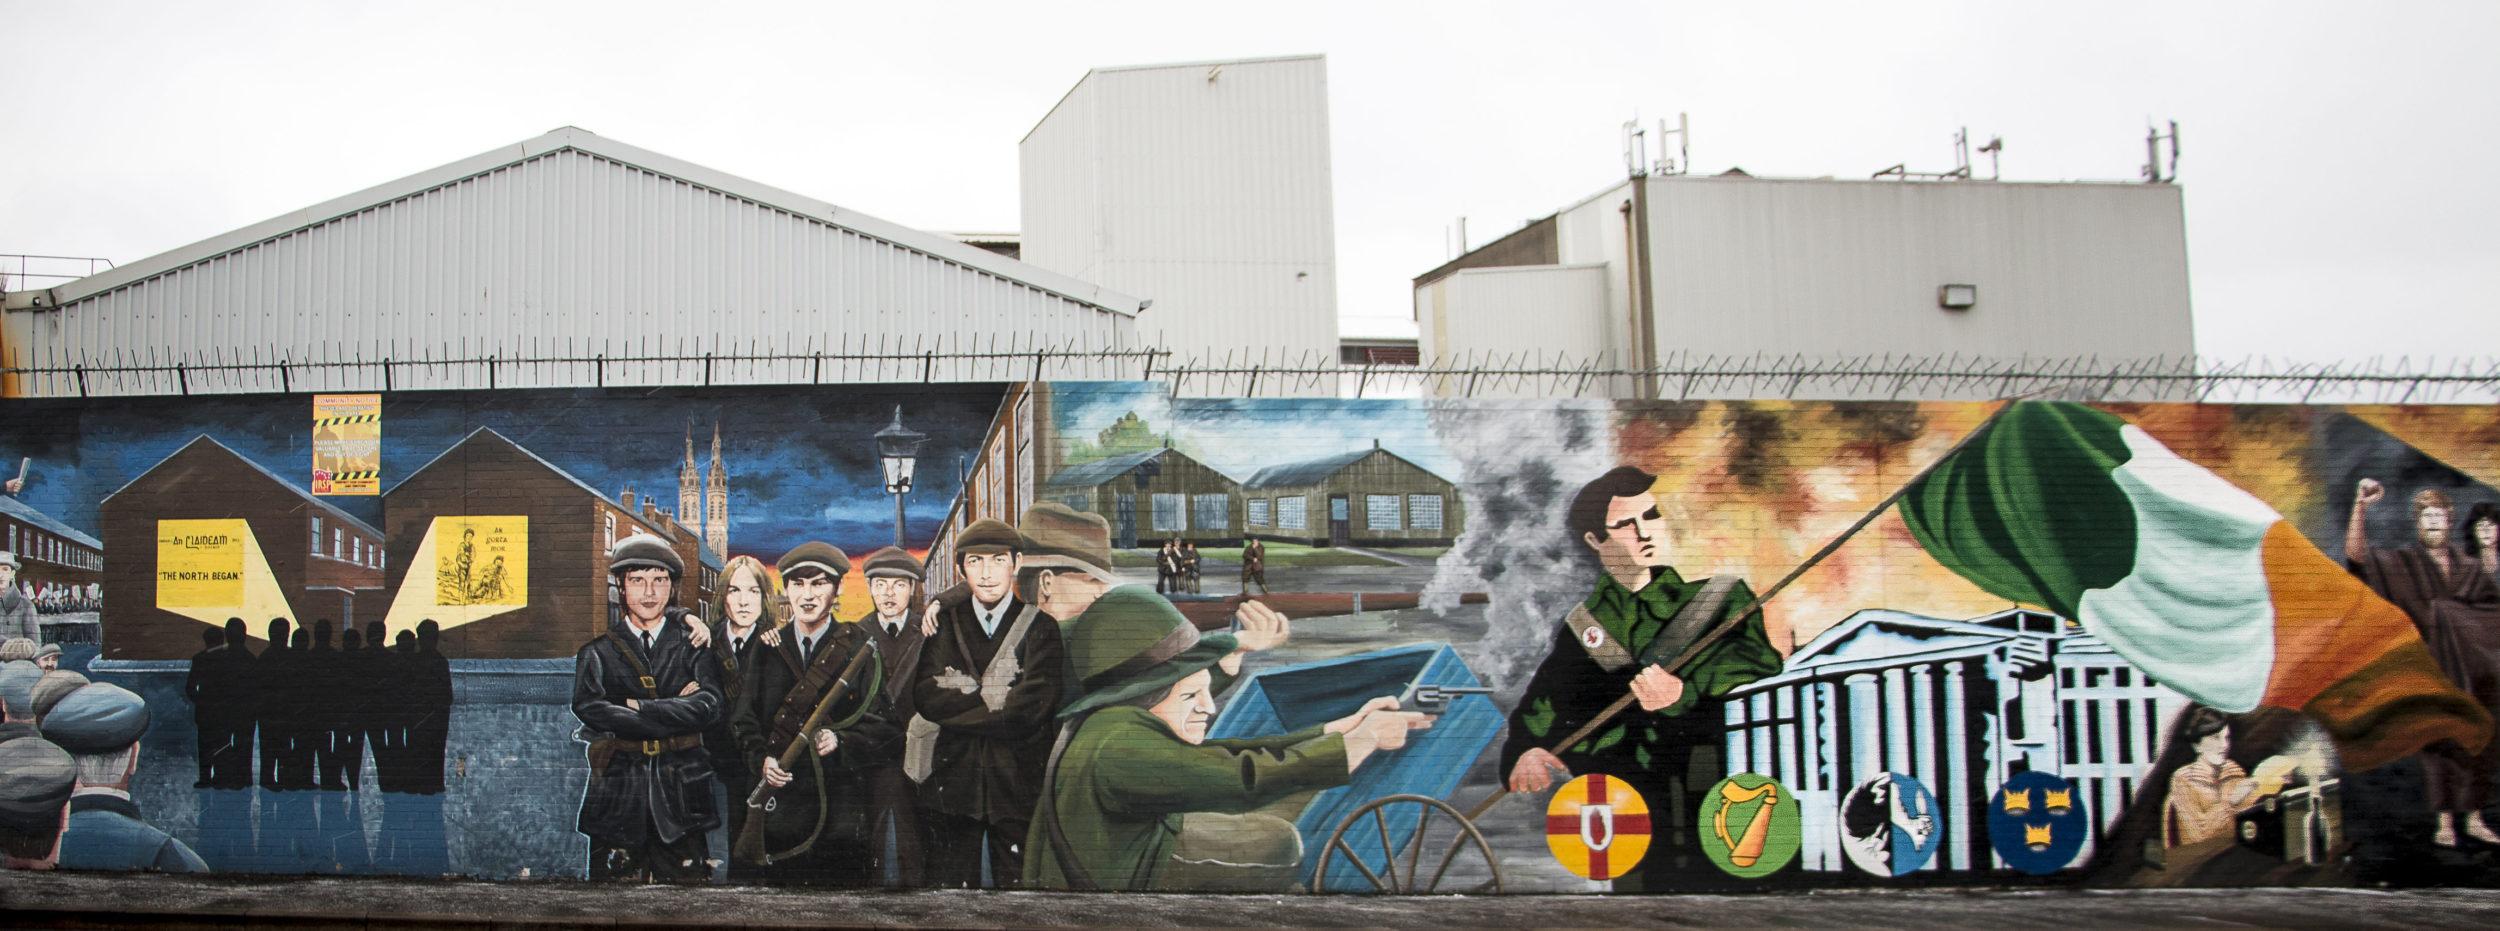 Tasavaltalainen seinämaalaus Belfastissa.